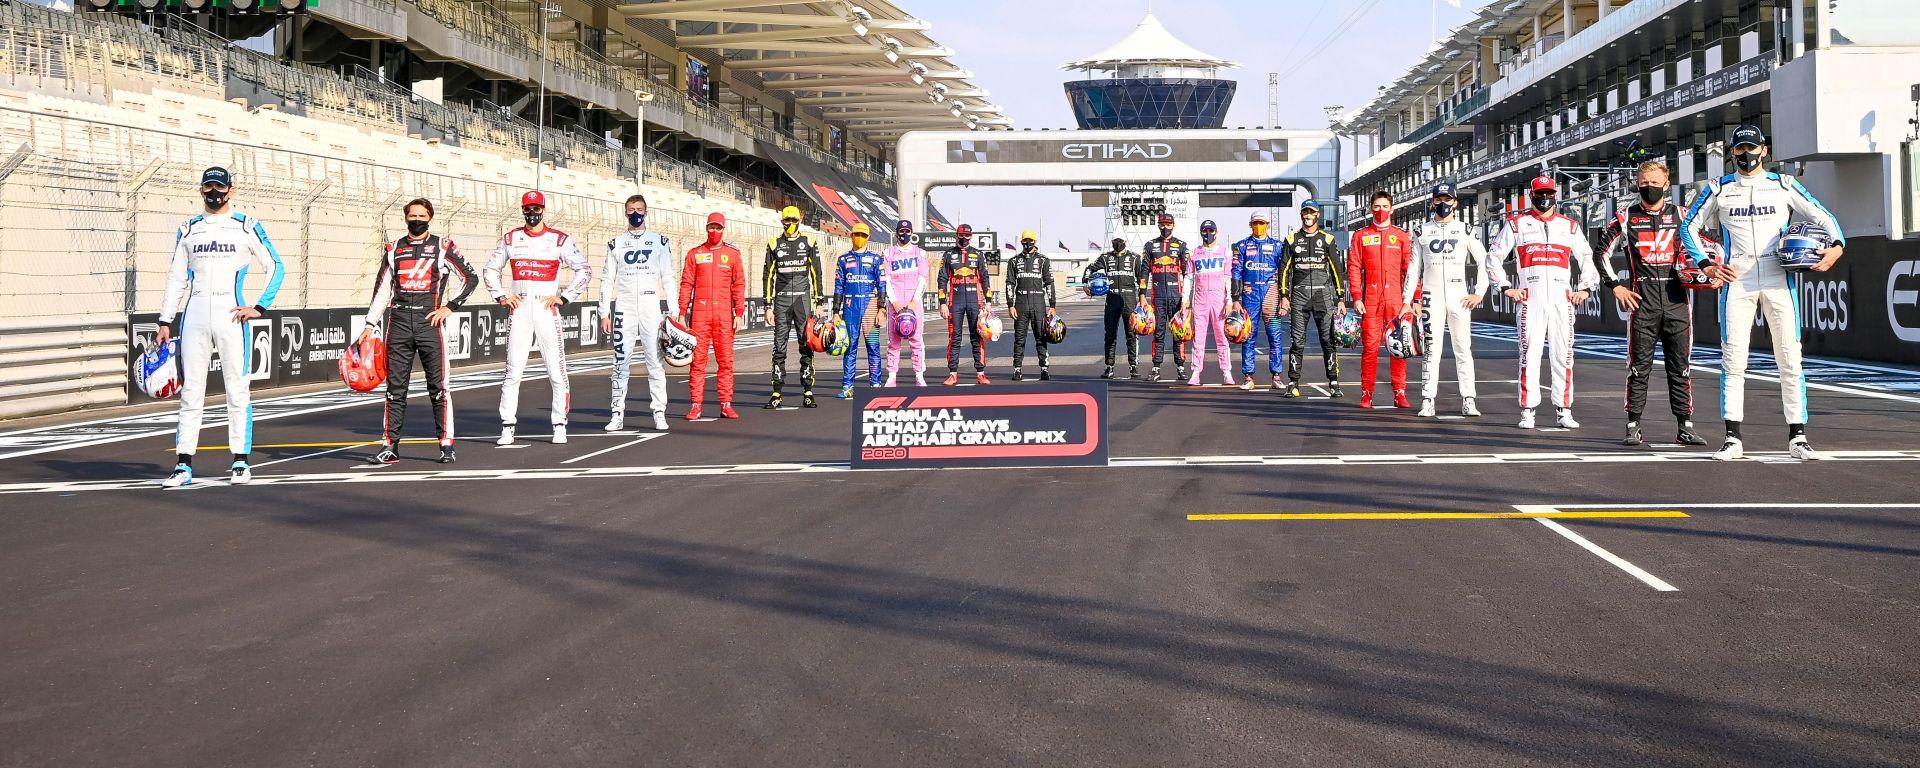 F1 GP Abu Dhabi 2020, Yas Marina: foto di gruppo dei piloti al termine del campionato